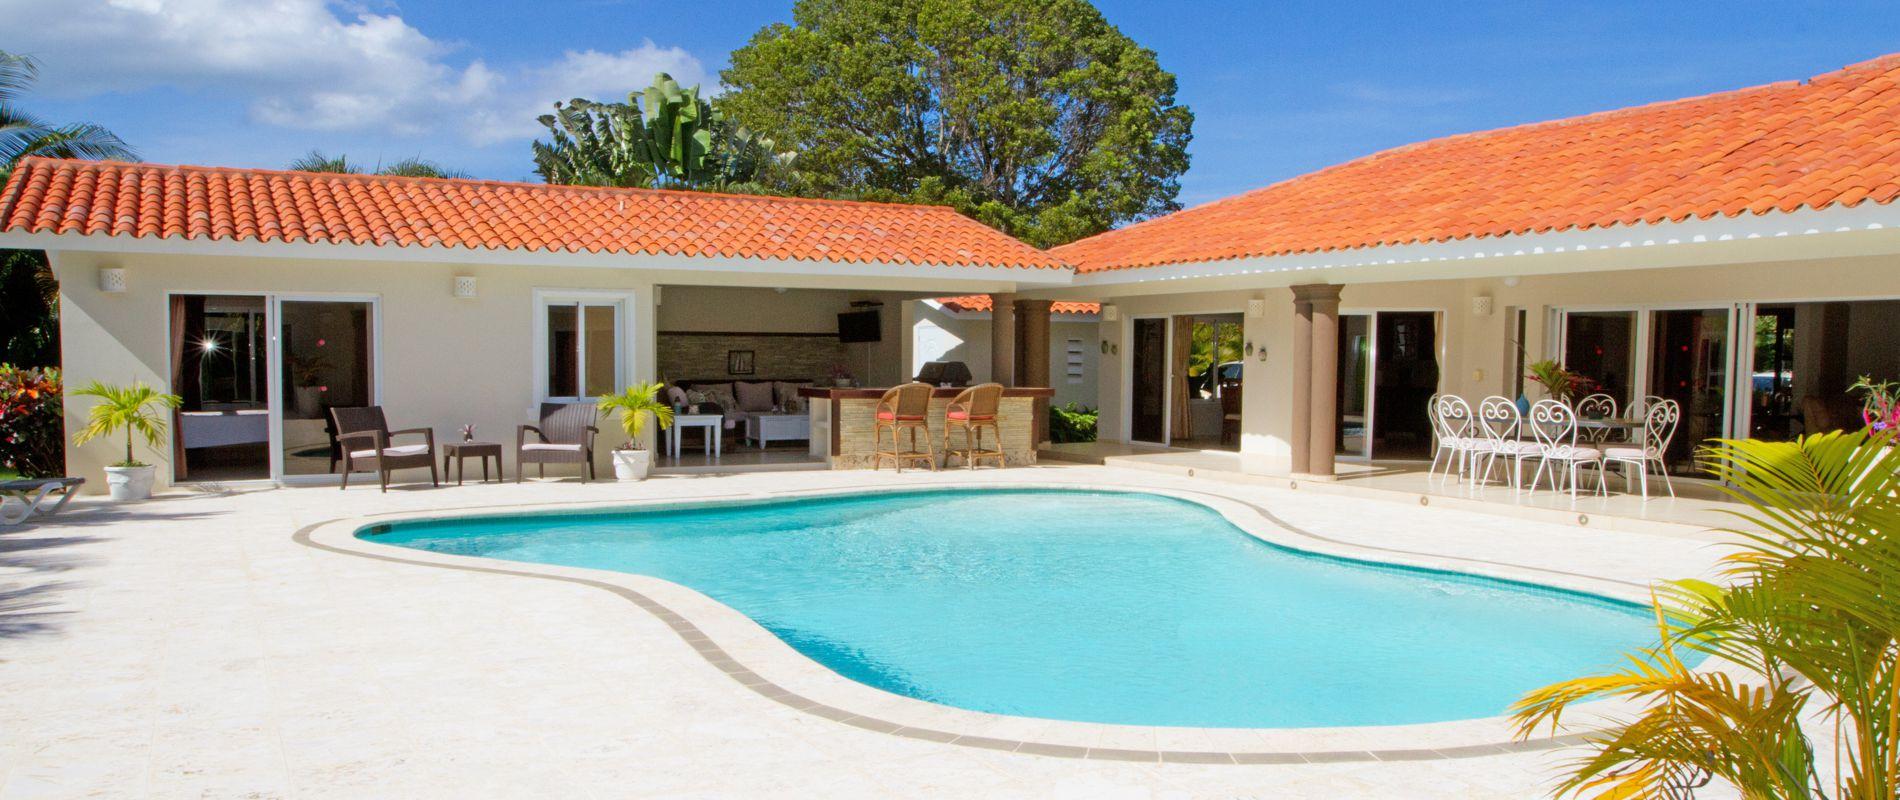 villas dominicanas en venta